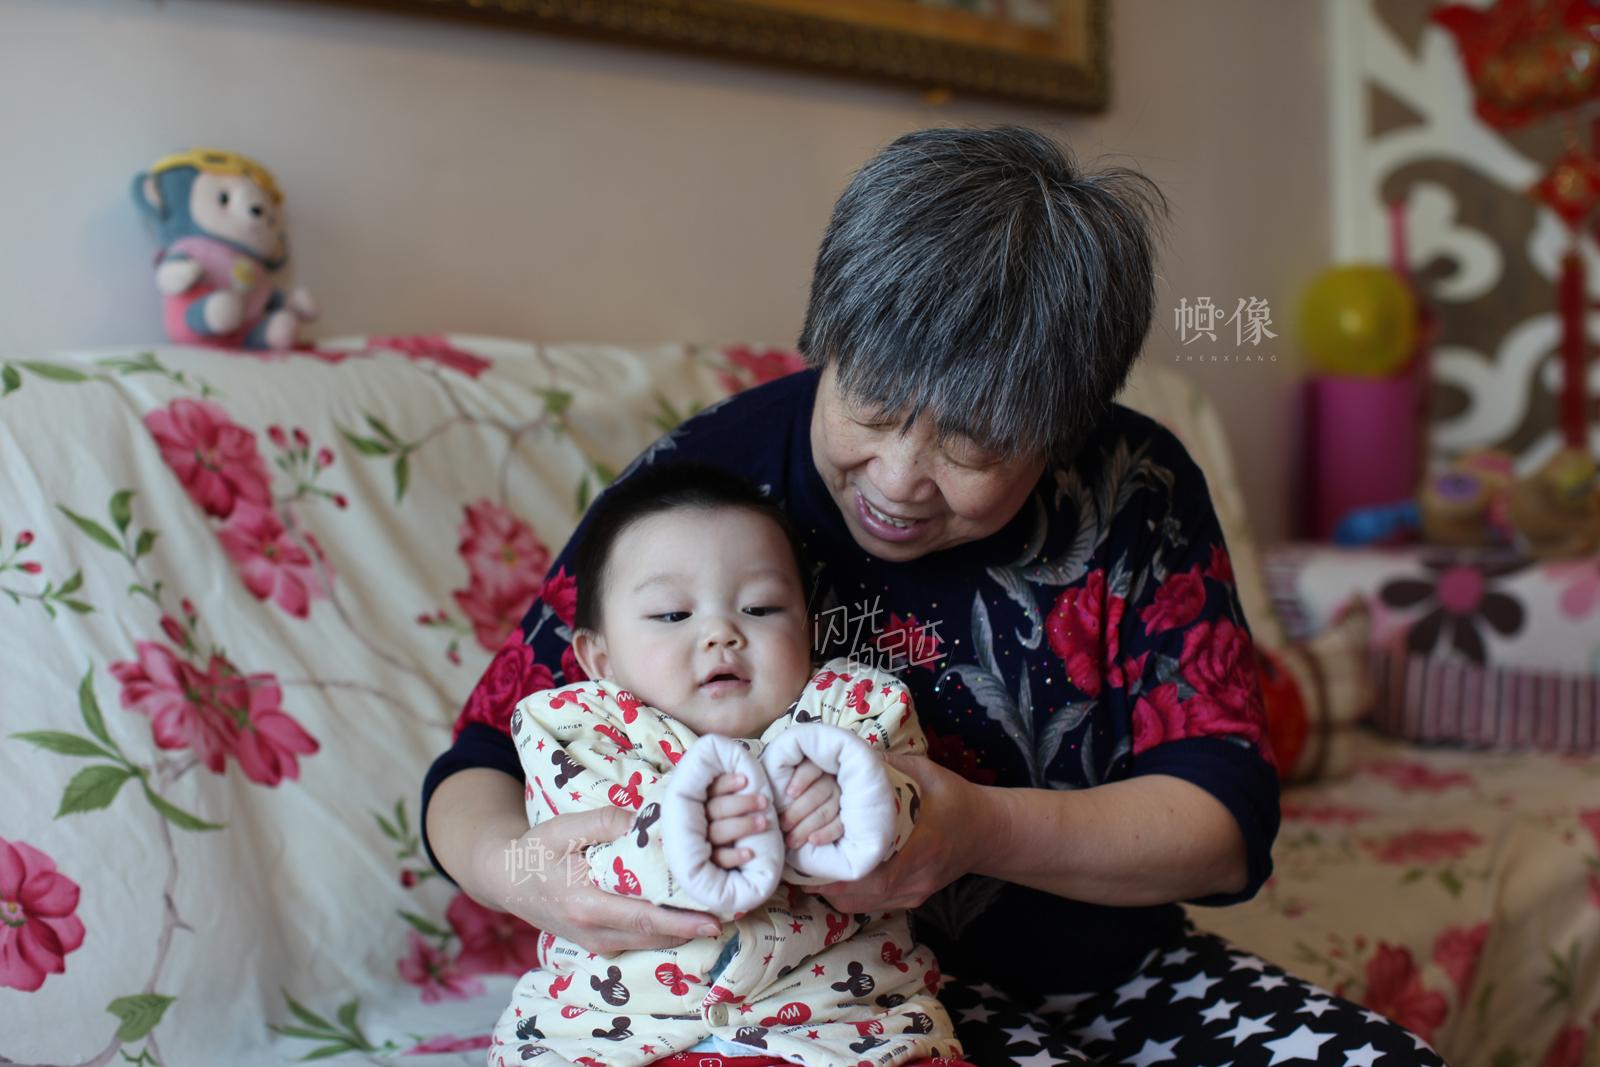 老二宋星延被姥姥抱着。中国网记者 赵超 摄